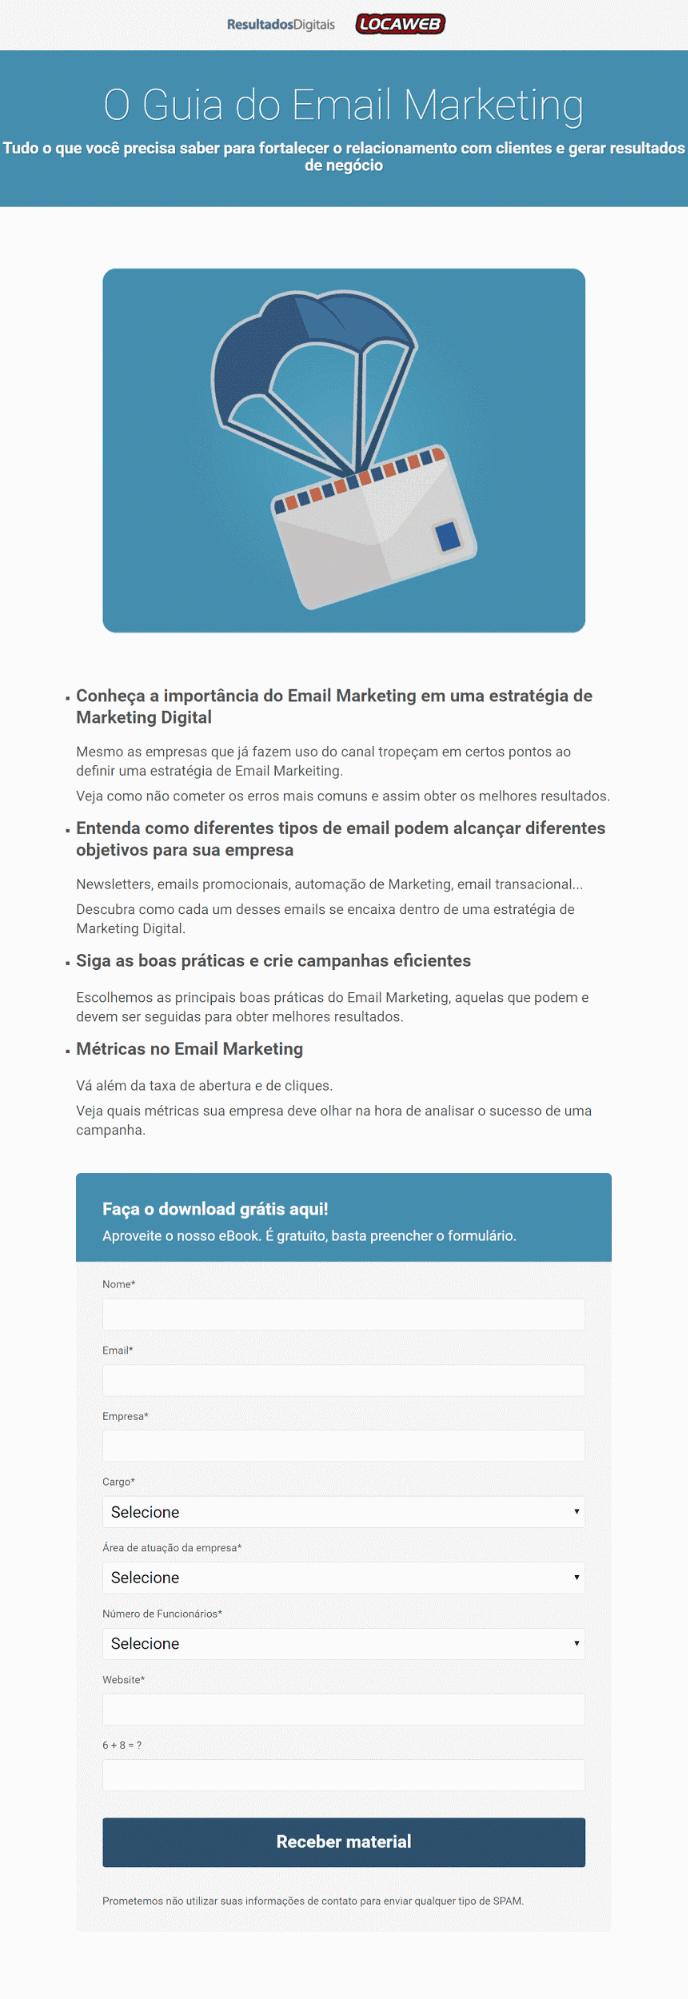 otimização de email marketing para dispositivos móveis